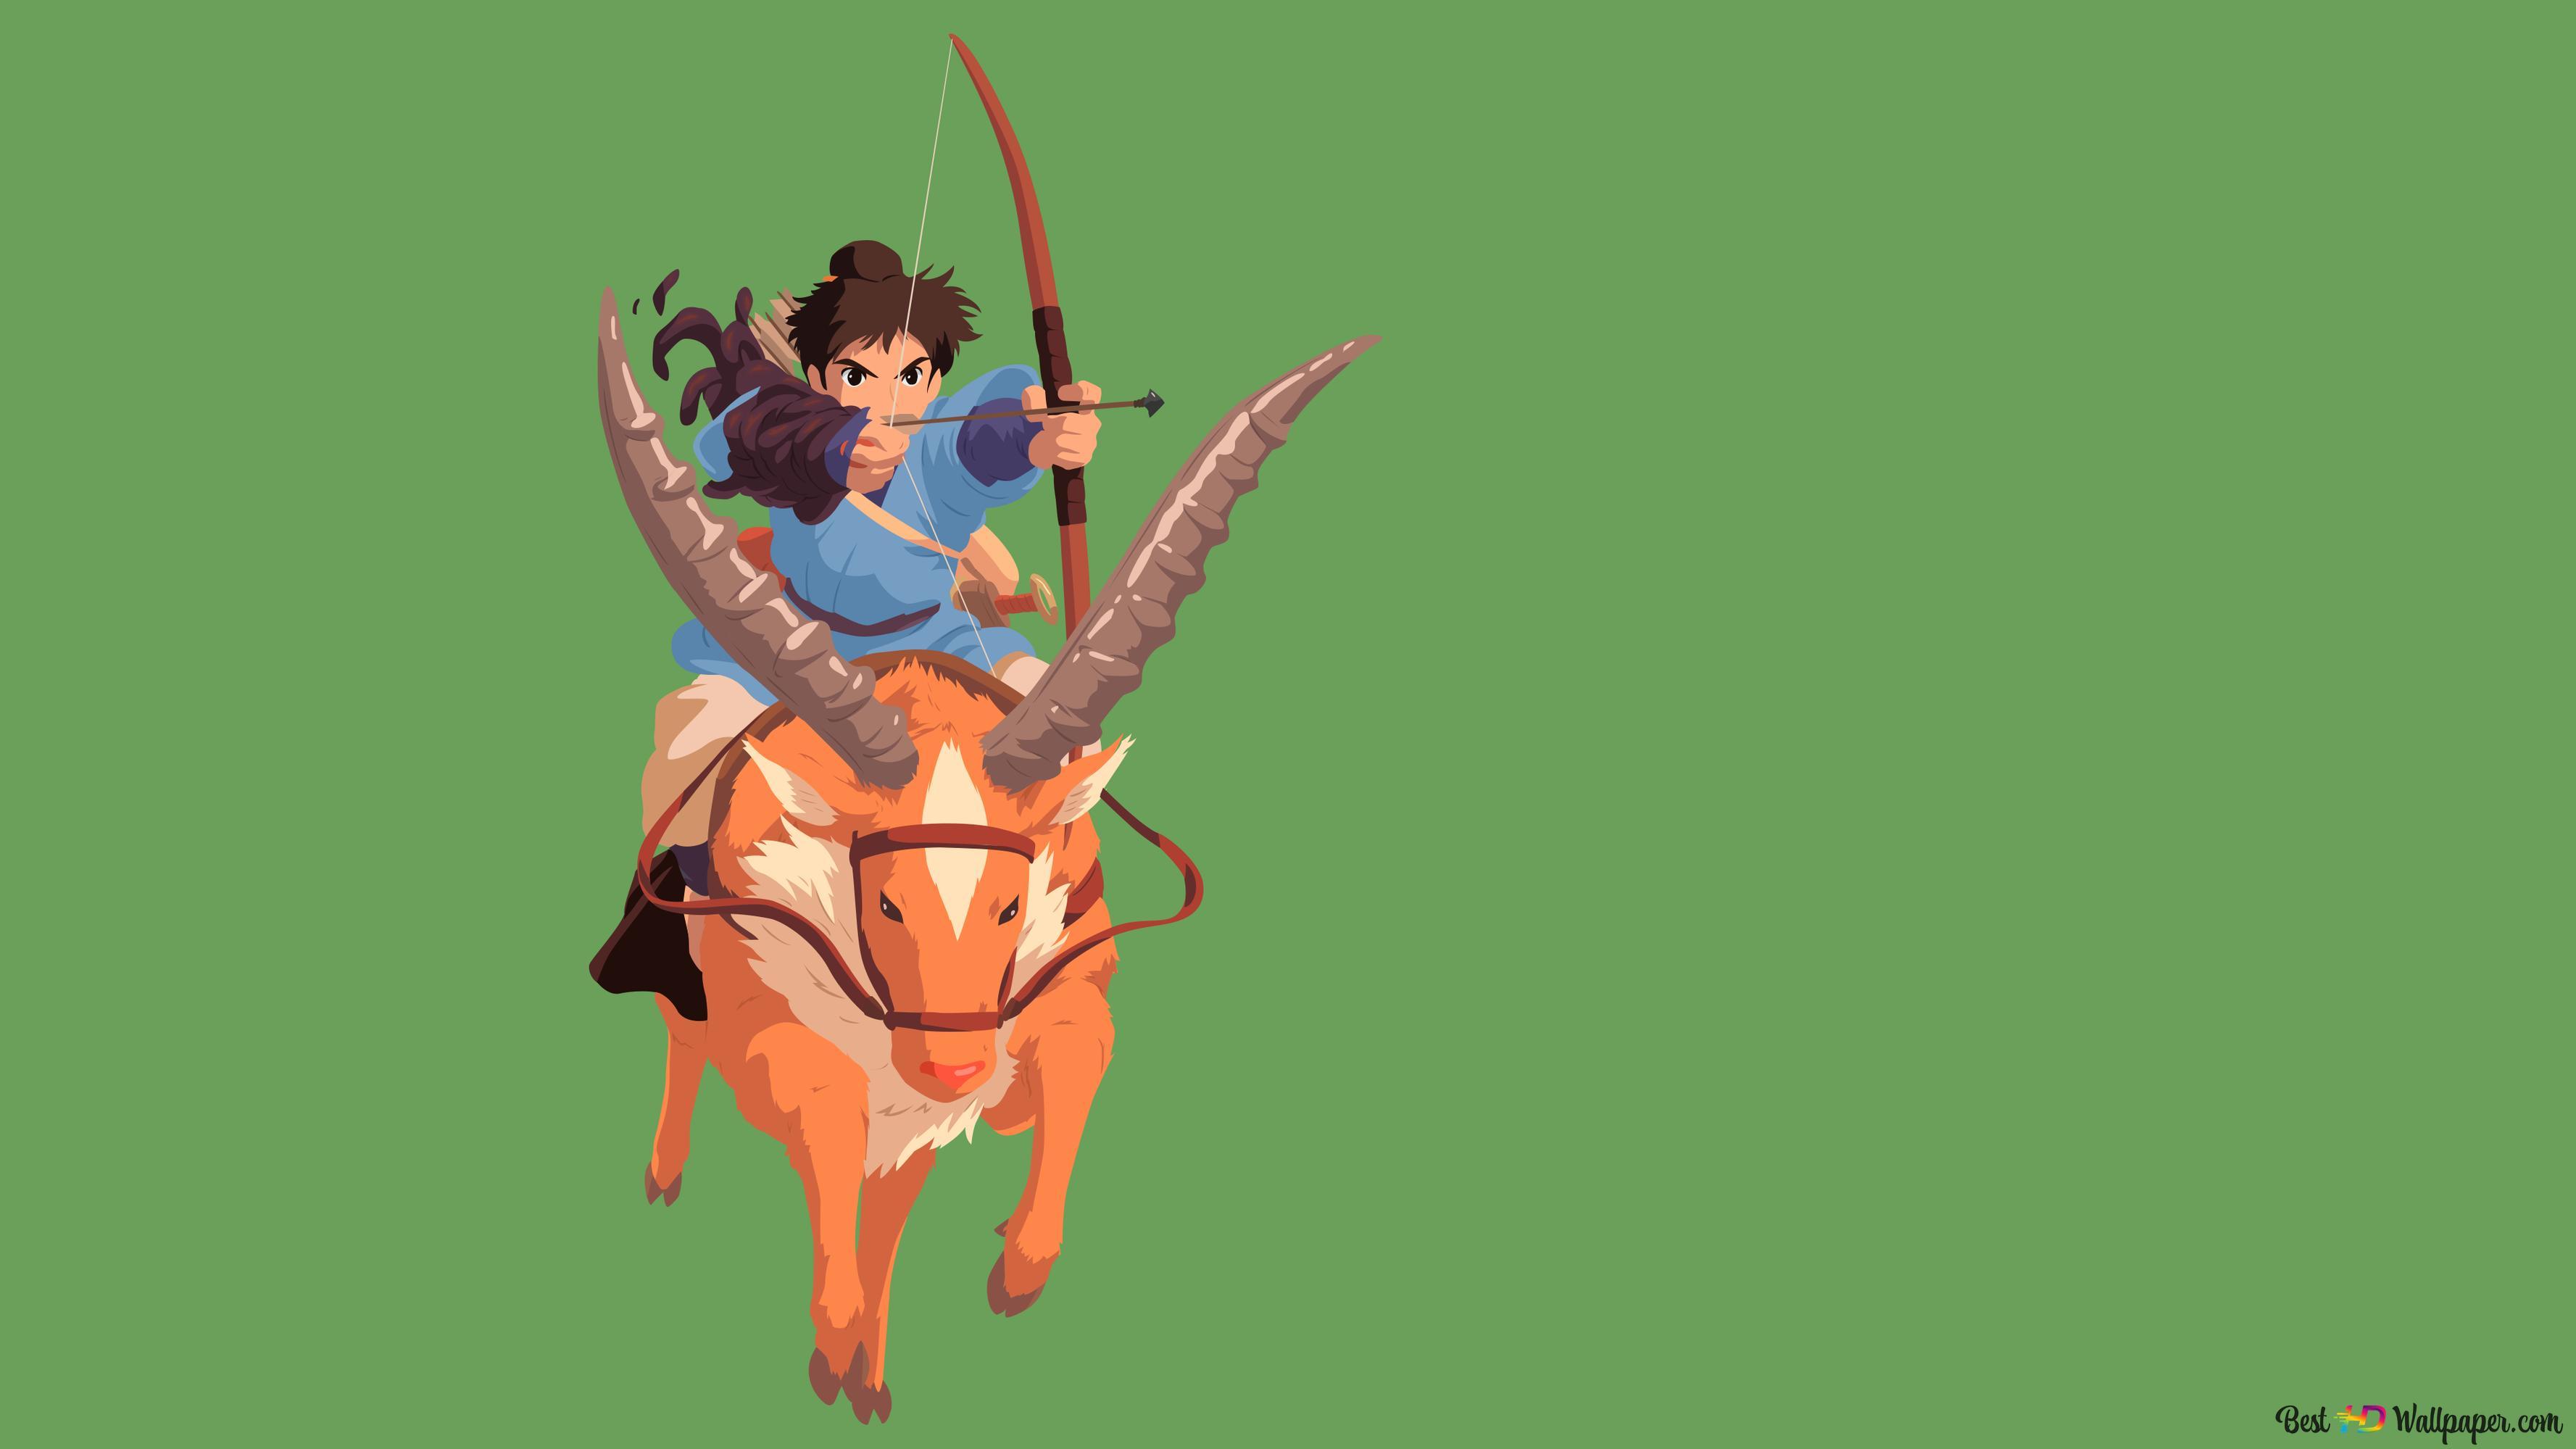 princess mononoke wallpaper desktop